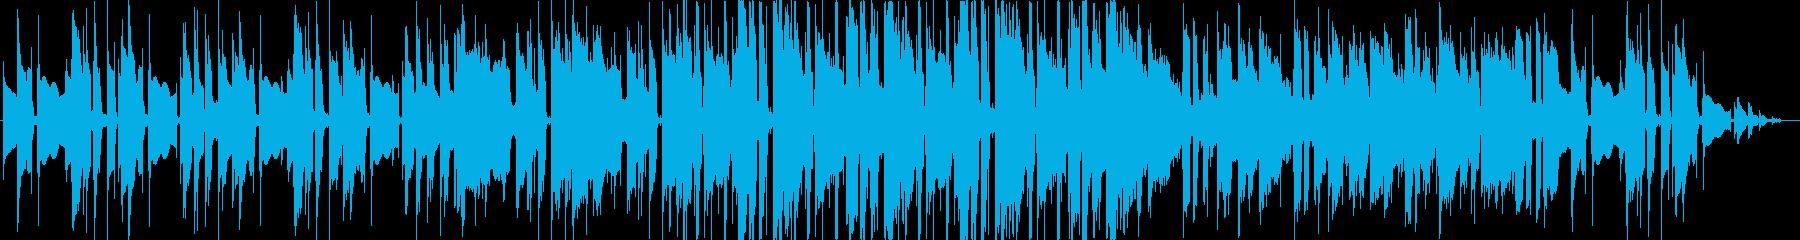 生アコギとエレピのほのぼのおしゃれ曲の再生済みの波形